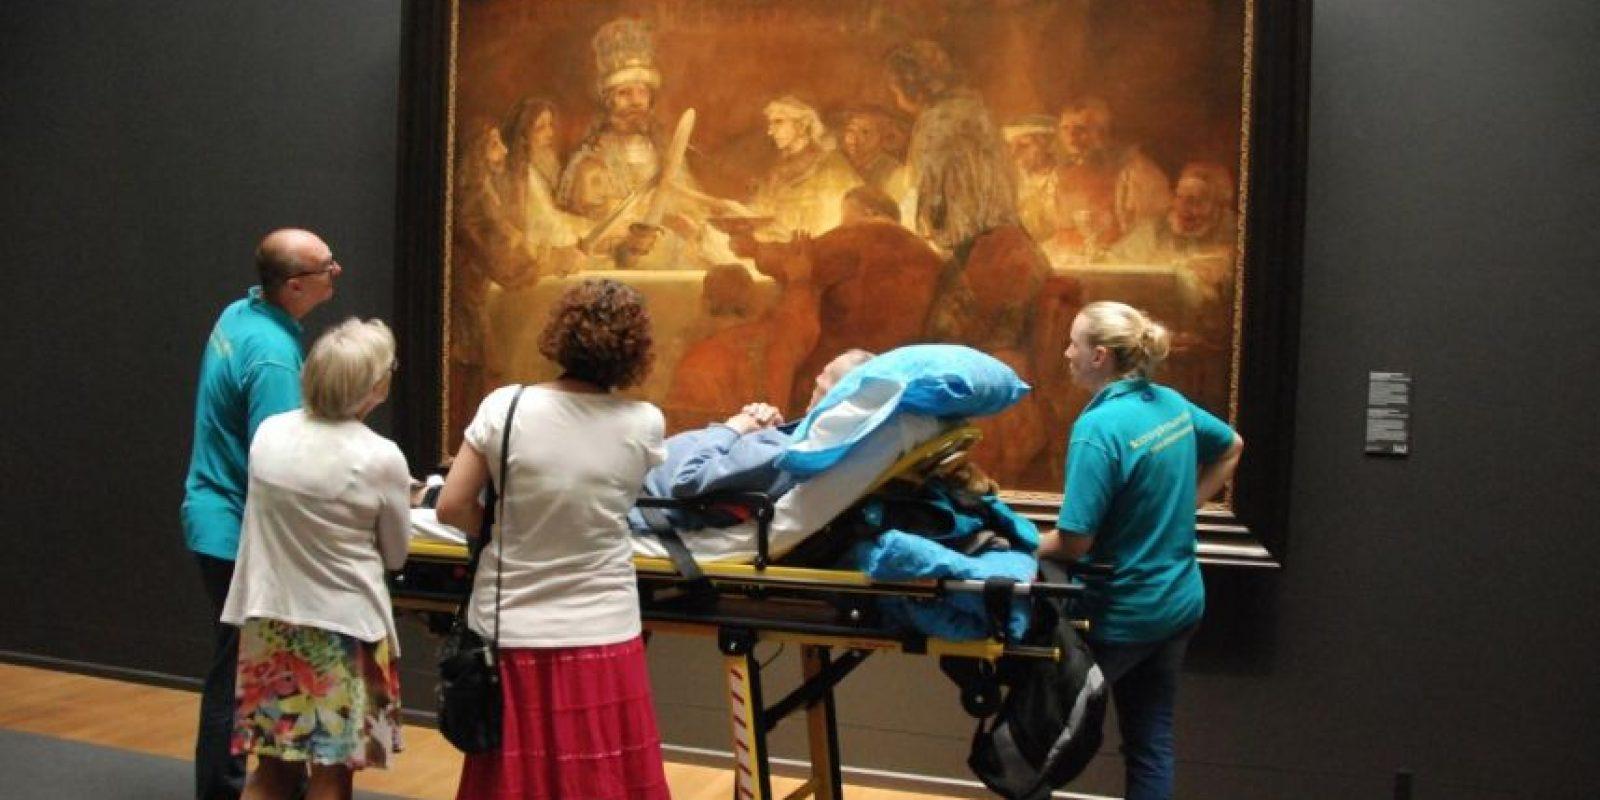 Conocer su pintura favorita. Foto:Vía Facebook.com/wensenrijders